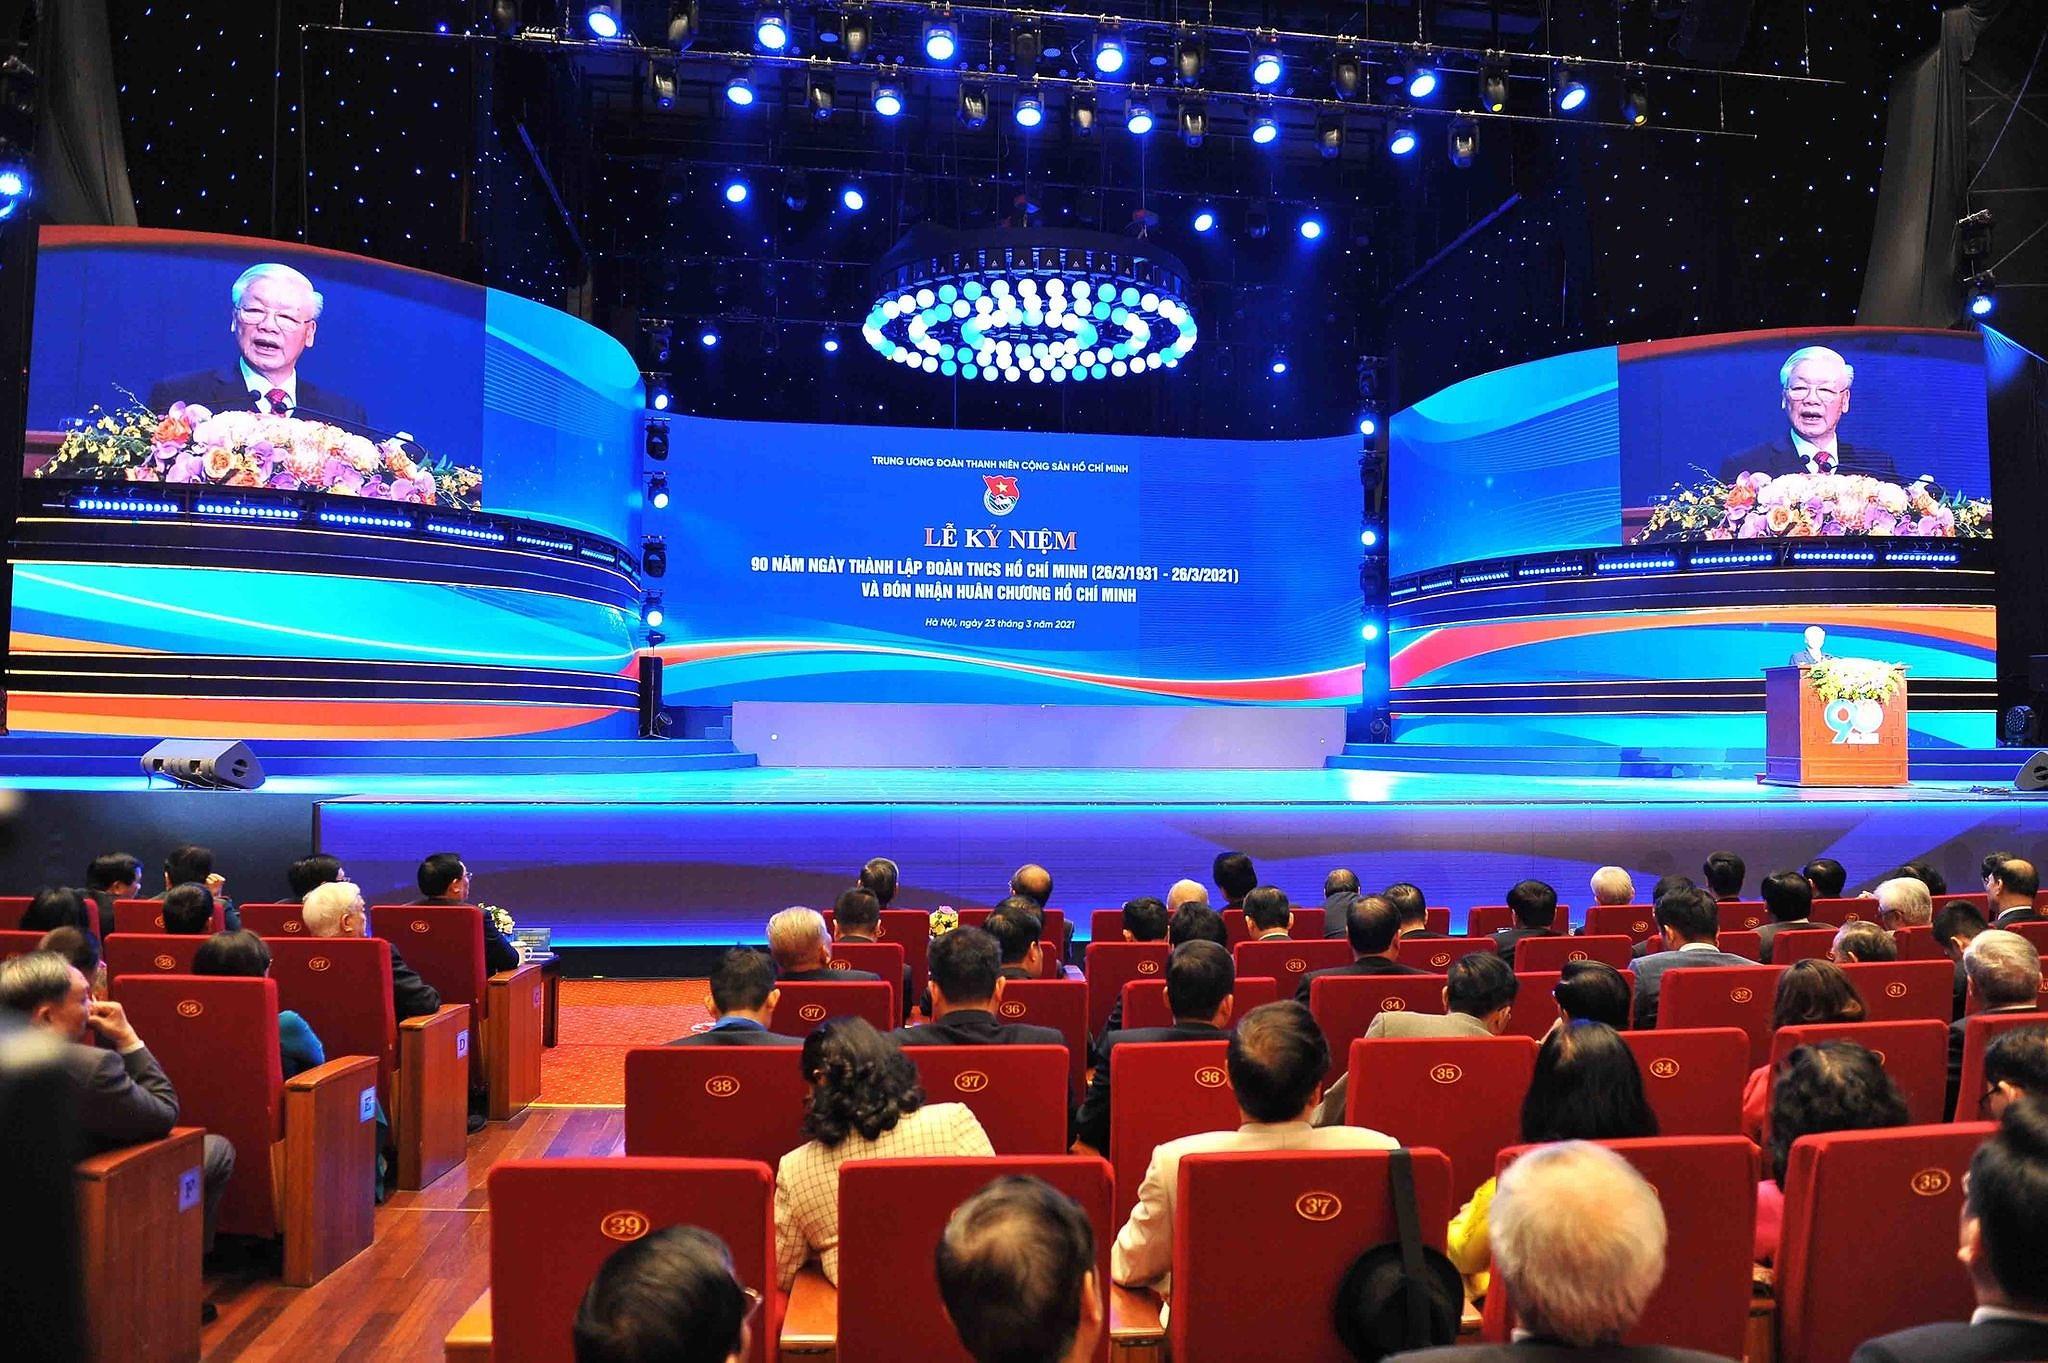 Ceremonia por el aniversario 90 de Union de Jovenes Comunistas Ho Chi Minh hinh anh 1